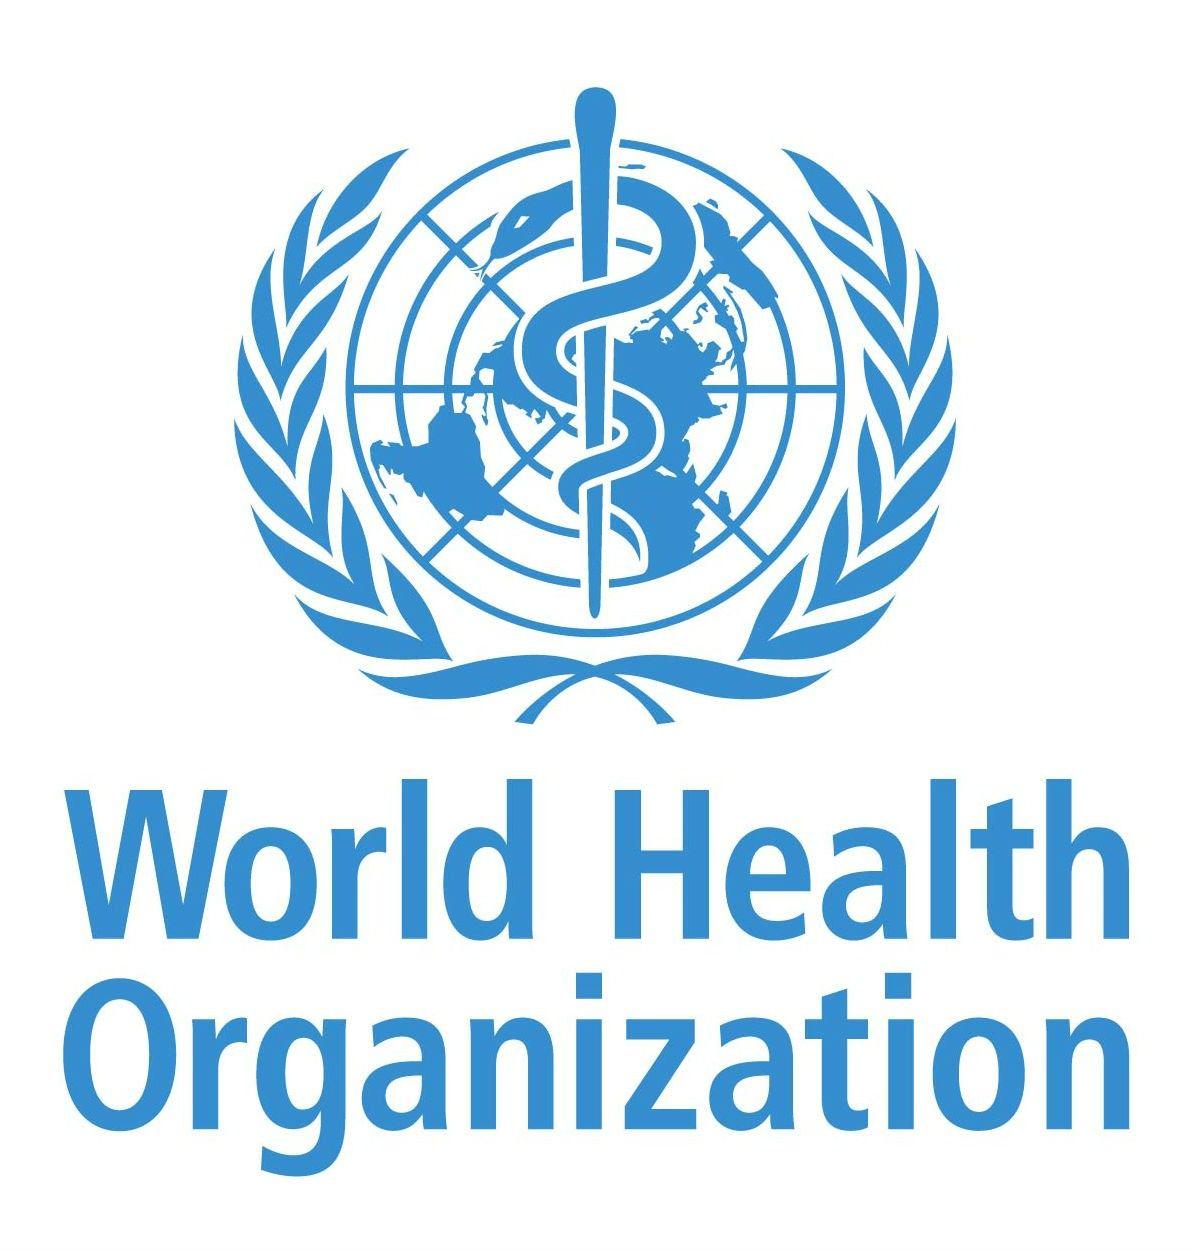 बिस्तारै बिस्तारै लकडाउन खुकुलो पार्दै हटाउन विश्व स्वास्थ्य संगठनको अनुरोध